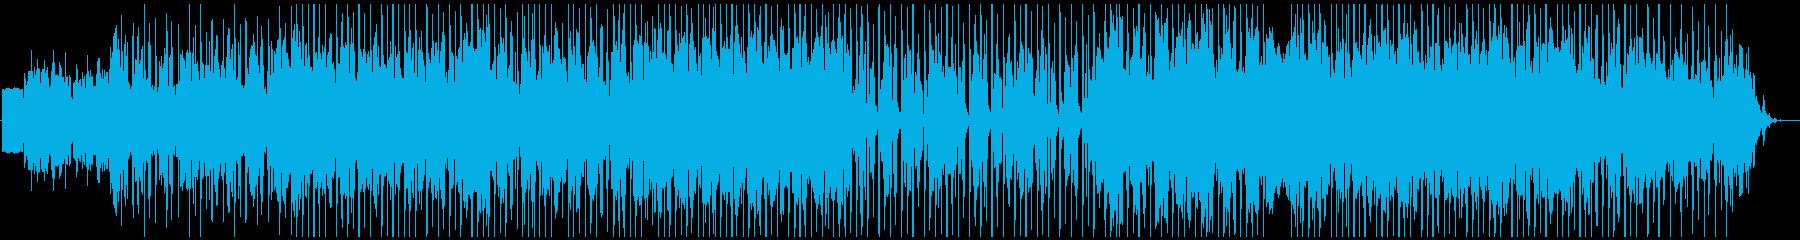 ヒップホップで緊張感ある曲の再生済みの波形